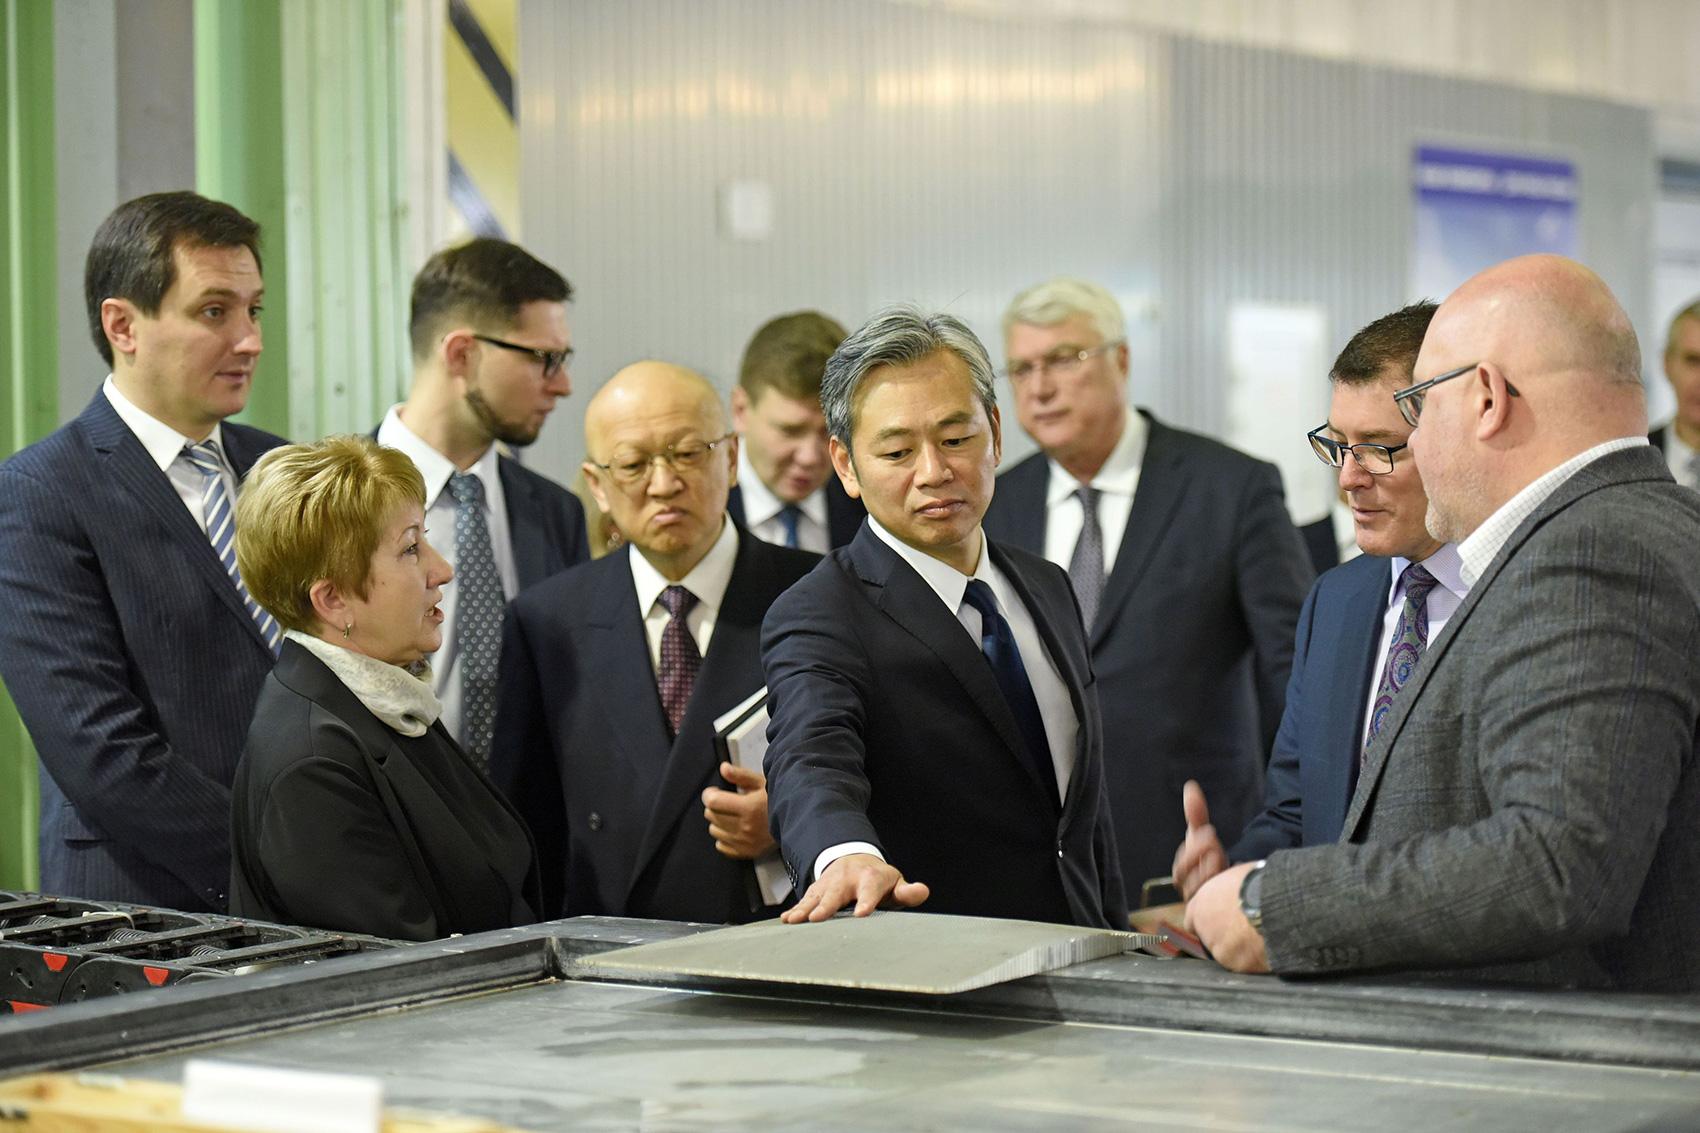 Делегация Setouchi Holdings Inc (Япония) на ОНПП «Технология».